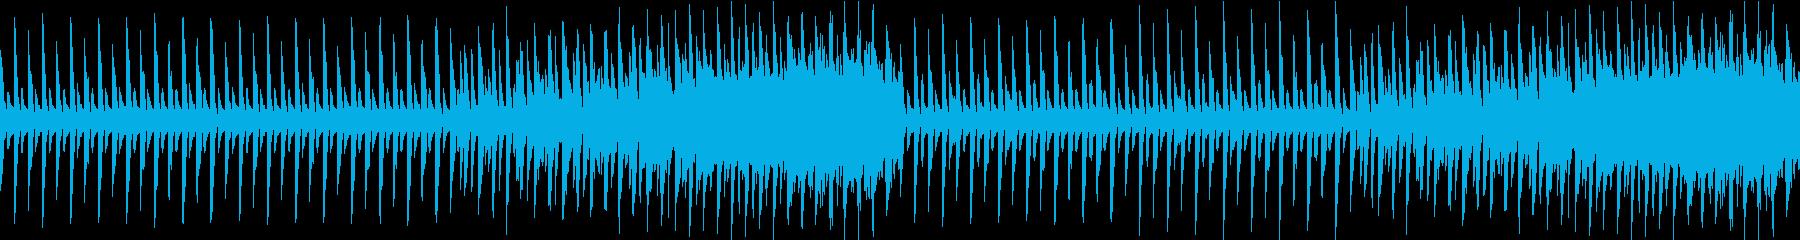 ドラムメインの極限シンプルの再生済みの波形